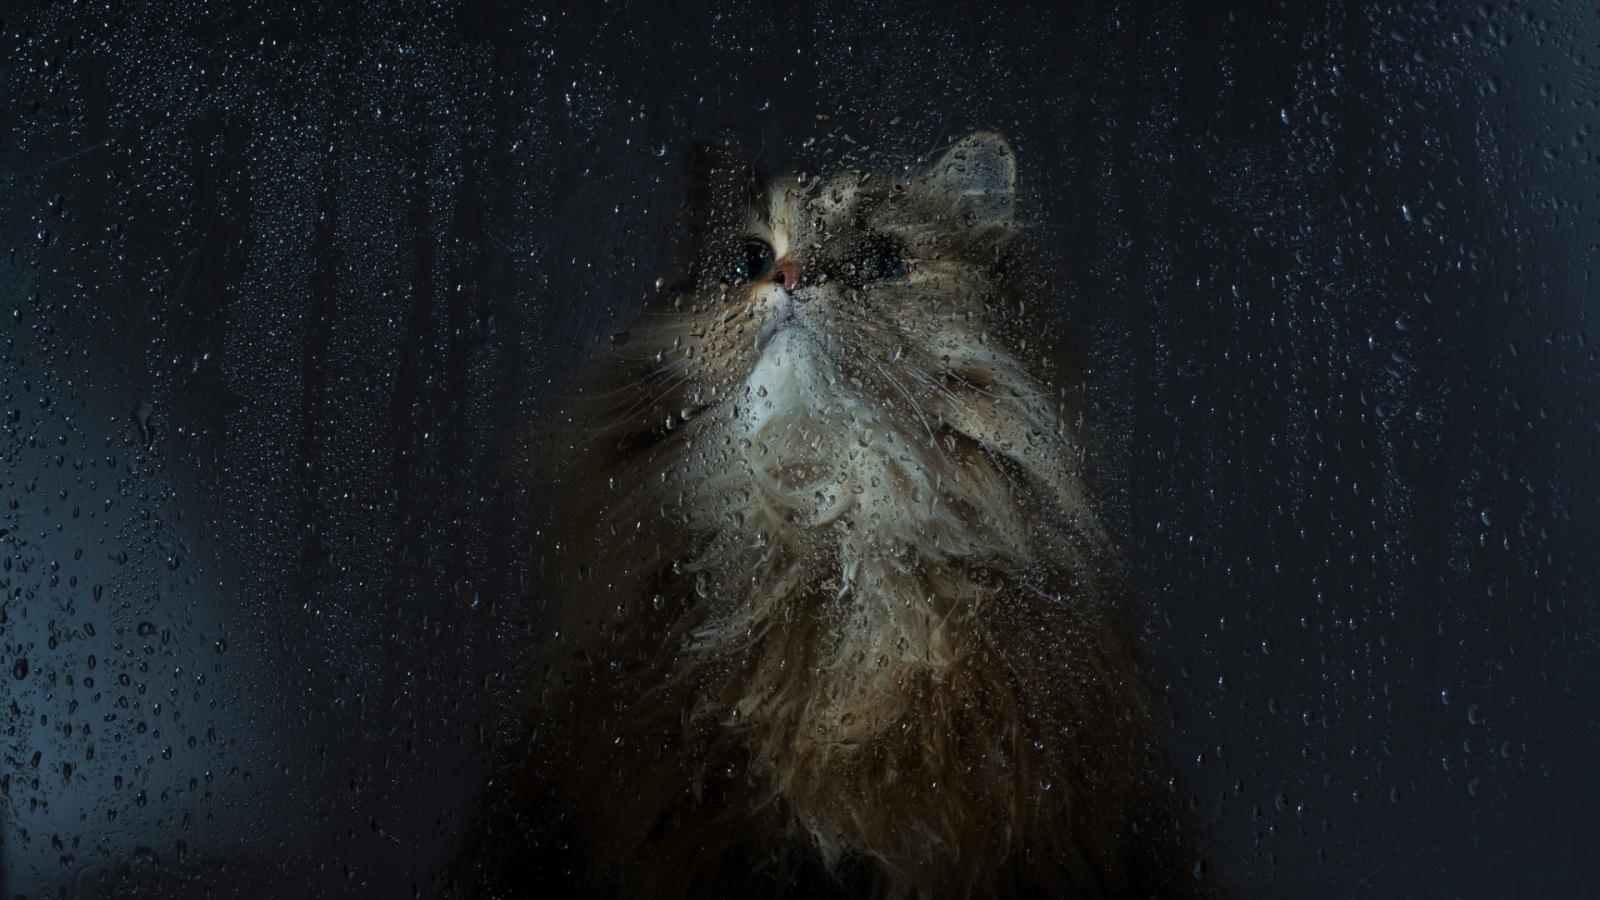 Cat wet window